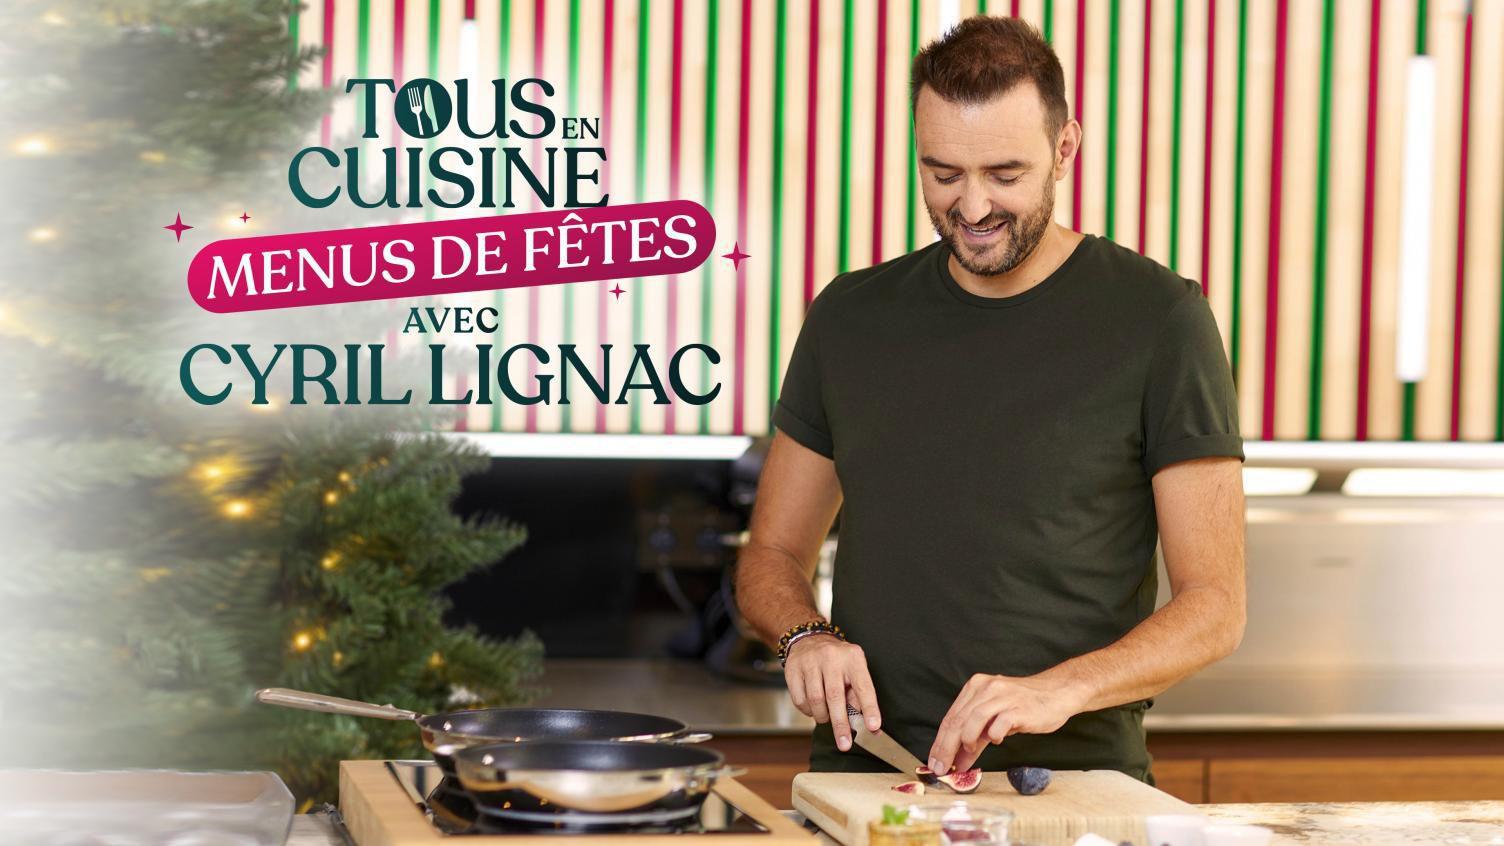 """""""Tous en cuisine Menus de fêtes avec Cyril Lignac"""" sur M6 : Les ingrédients de ce lundi 28 décembre (Crevettes cocktail avocat pamplemousse et pain surprise au saumon fumé)"""